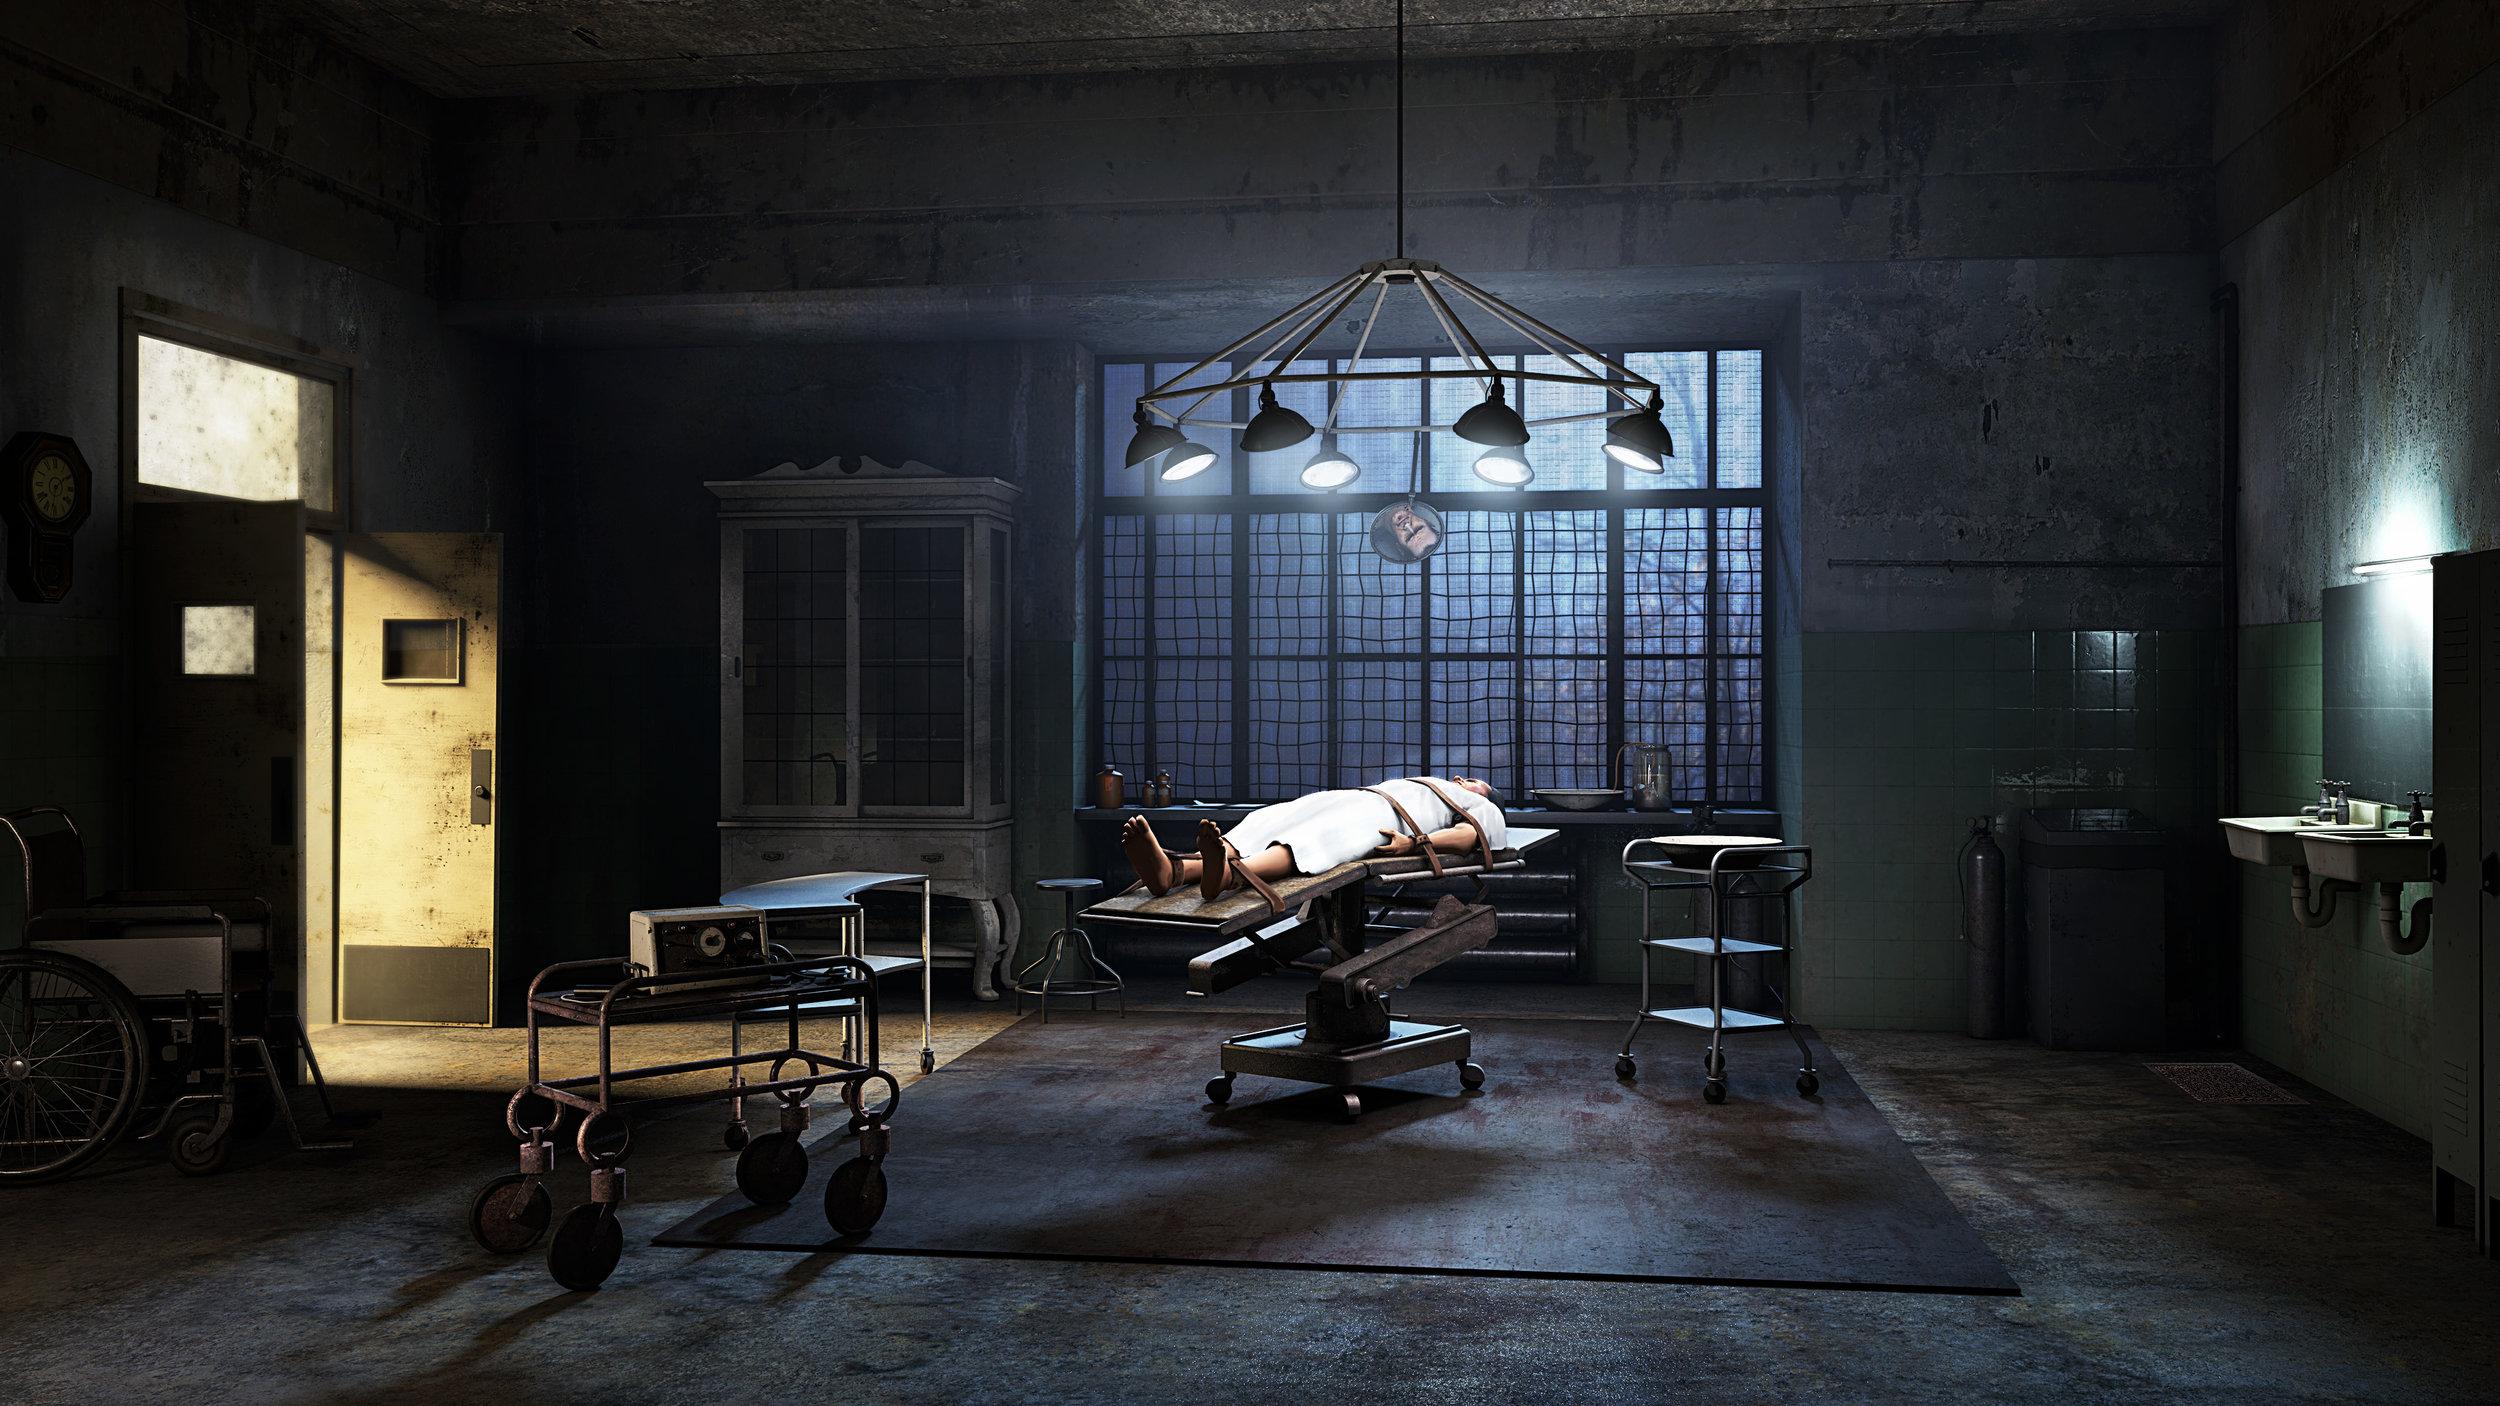 autopsy room.jpg